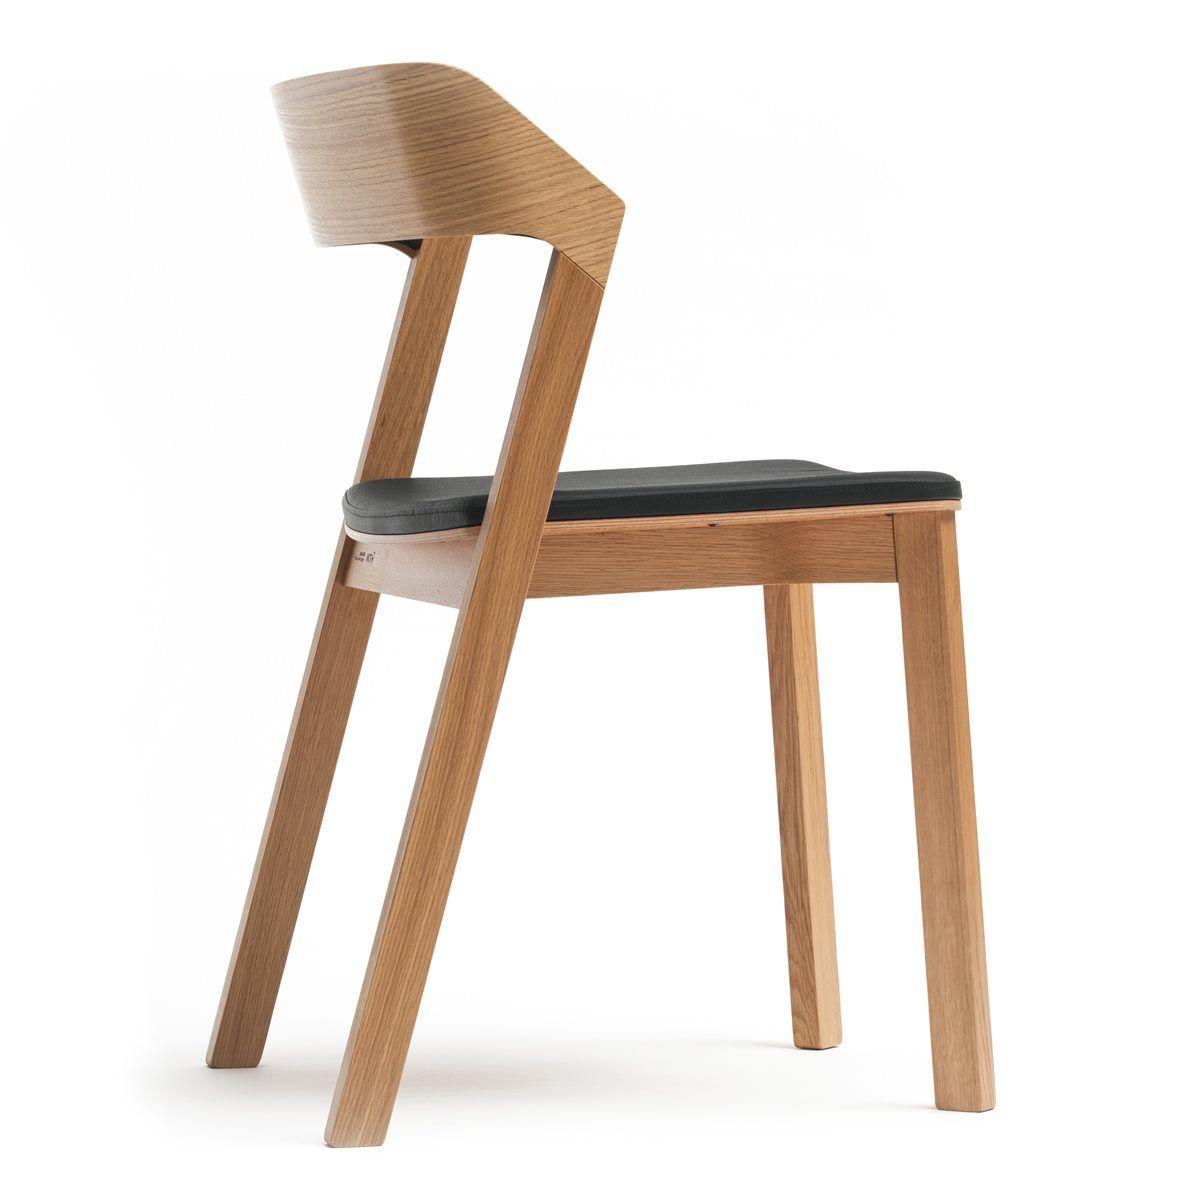 Stühle sVon A Menschen Gefertigte In MeranoTon Stuhl 29IHED